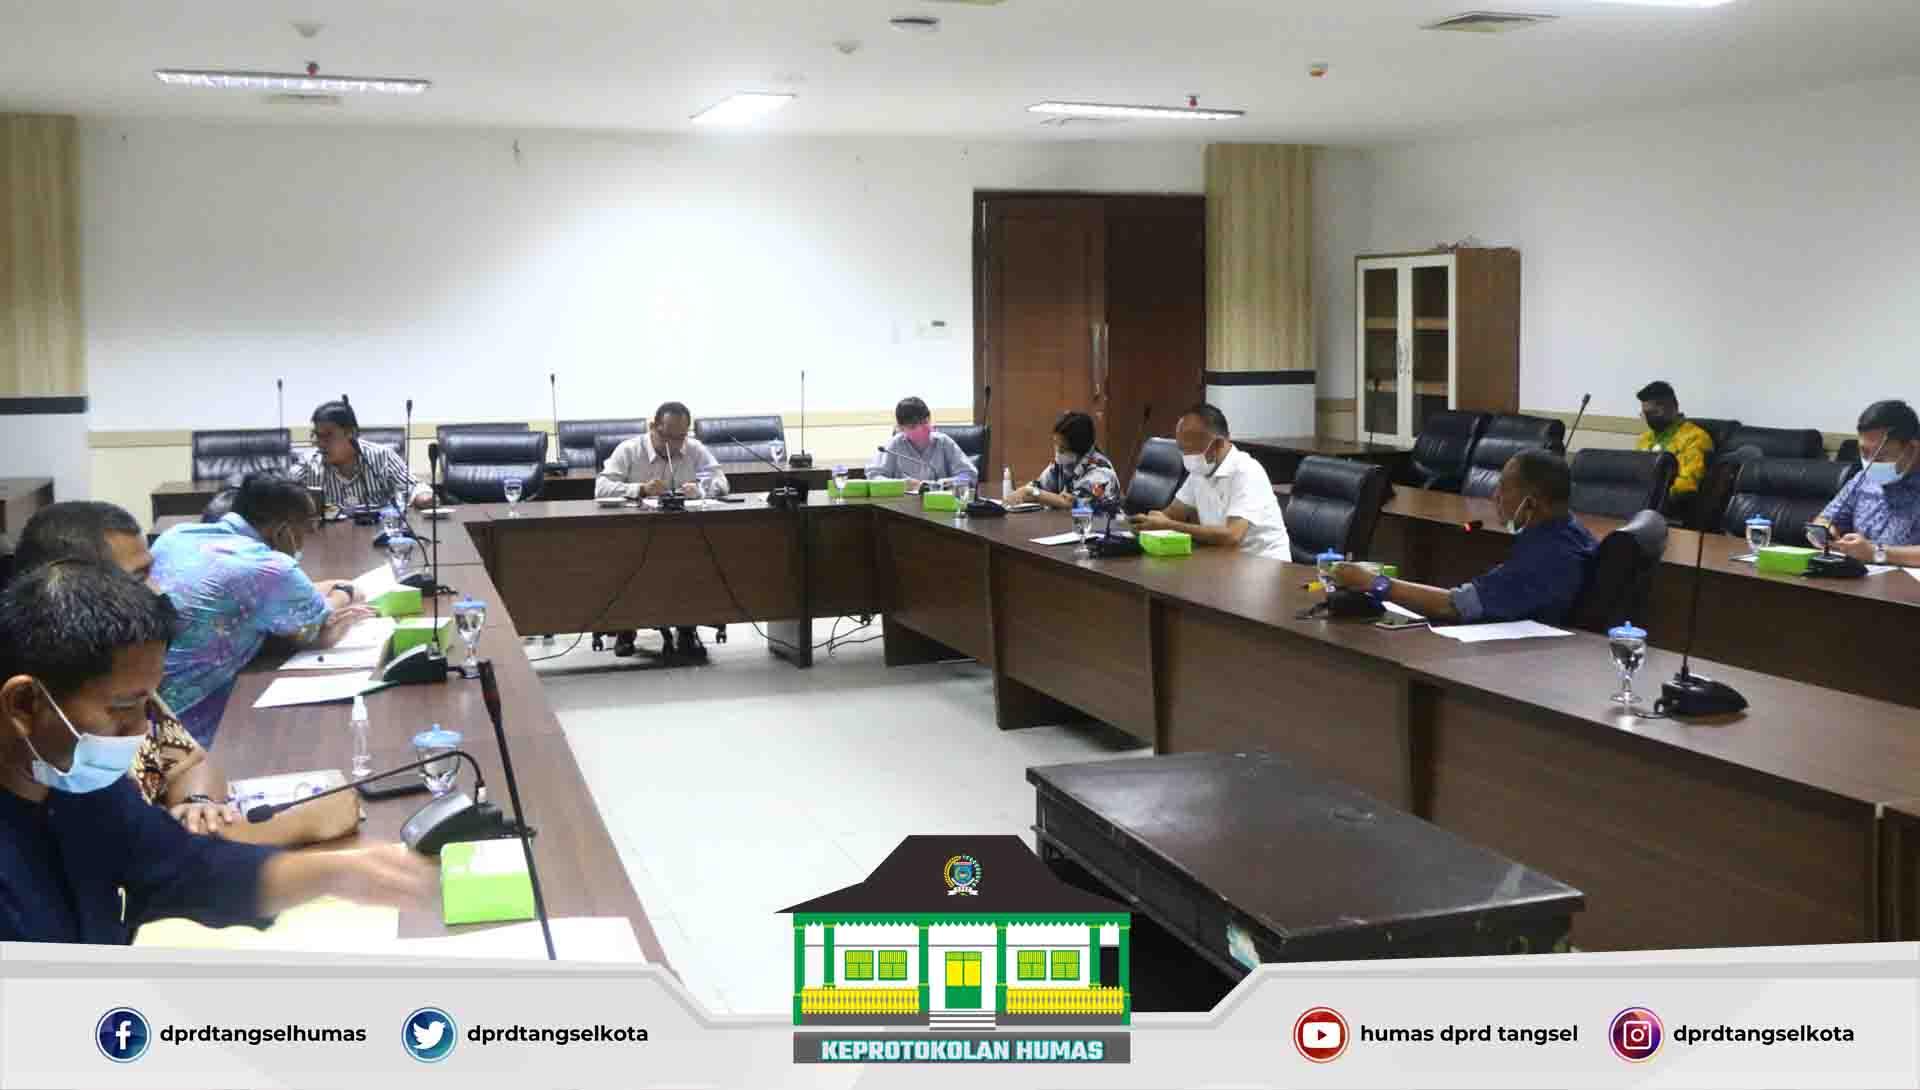 Rapat pimpinan DPRD dengan Bapemperda dan Badan Kehormatan